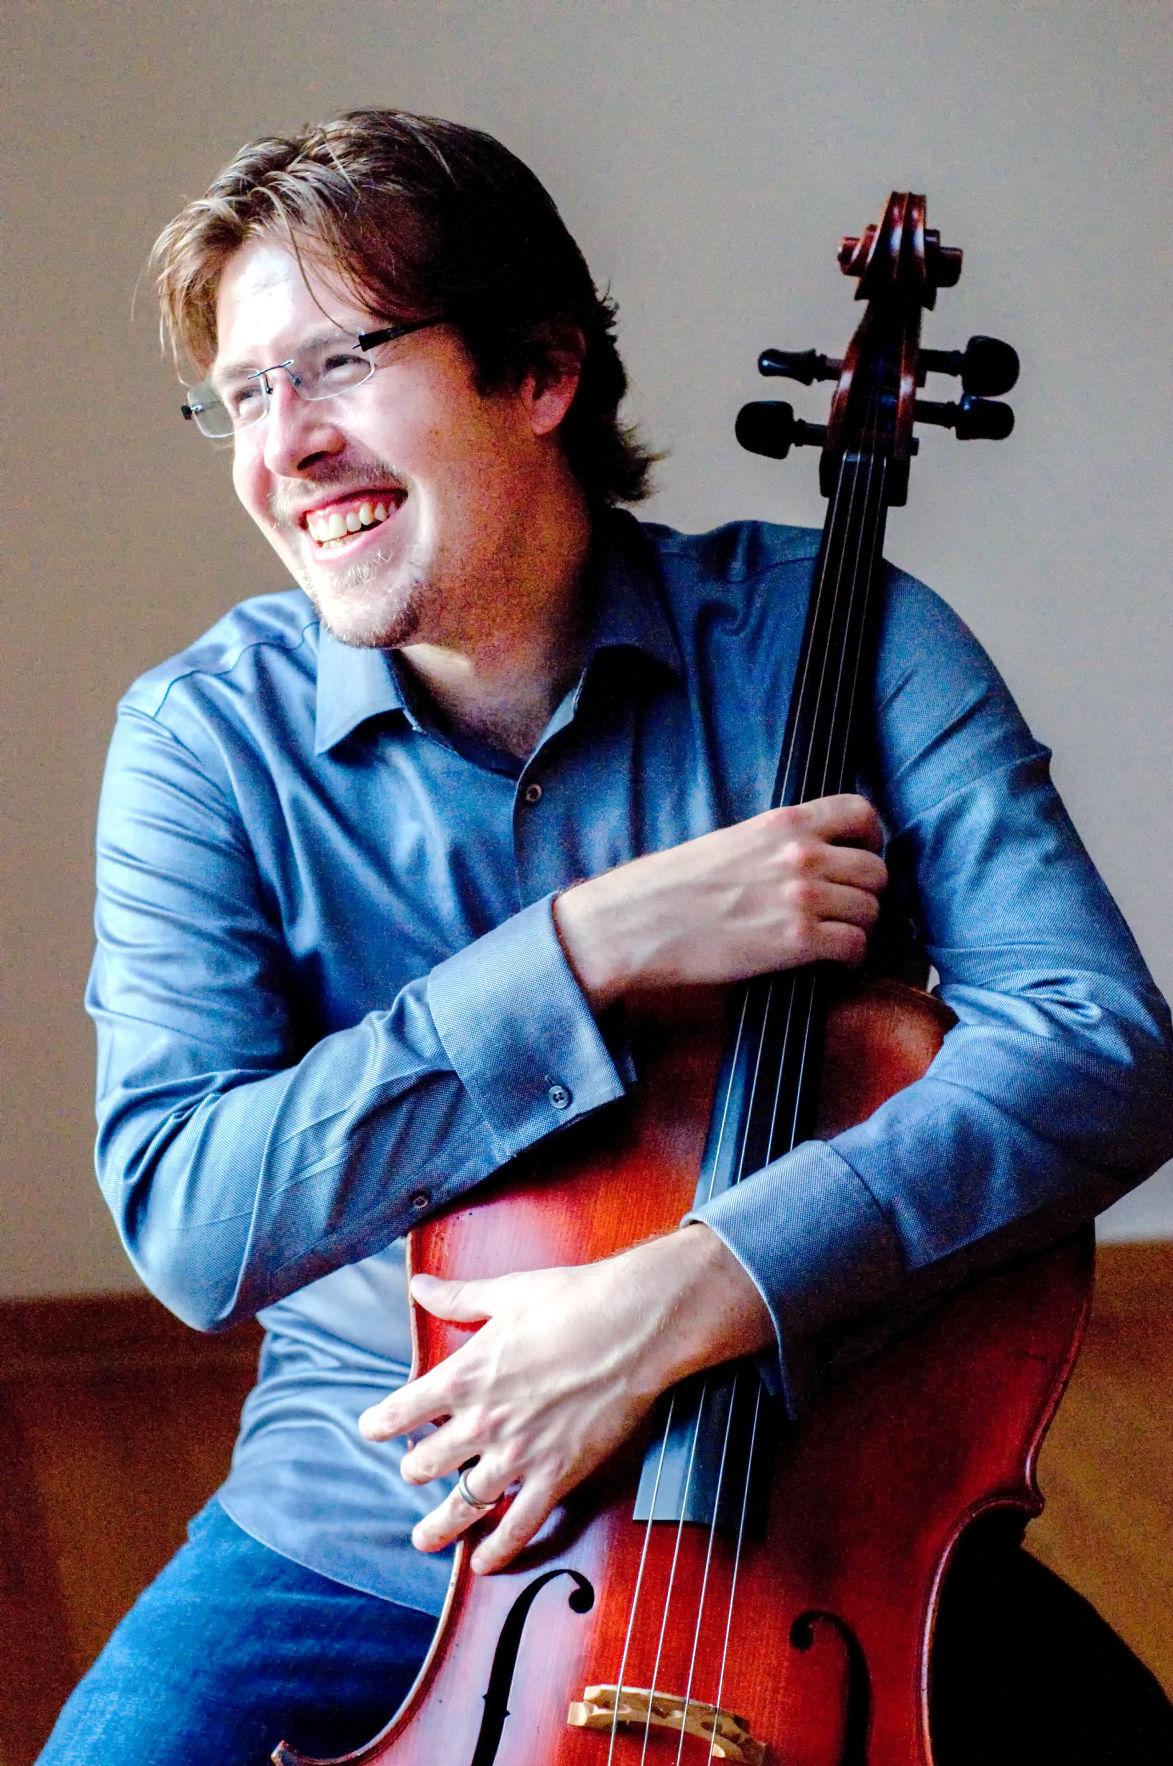 Composer celebrates Malheur Refuge